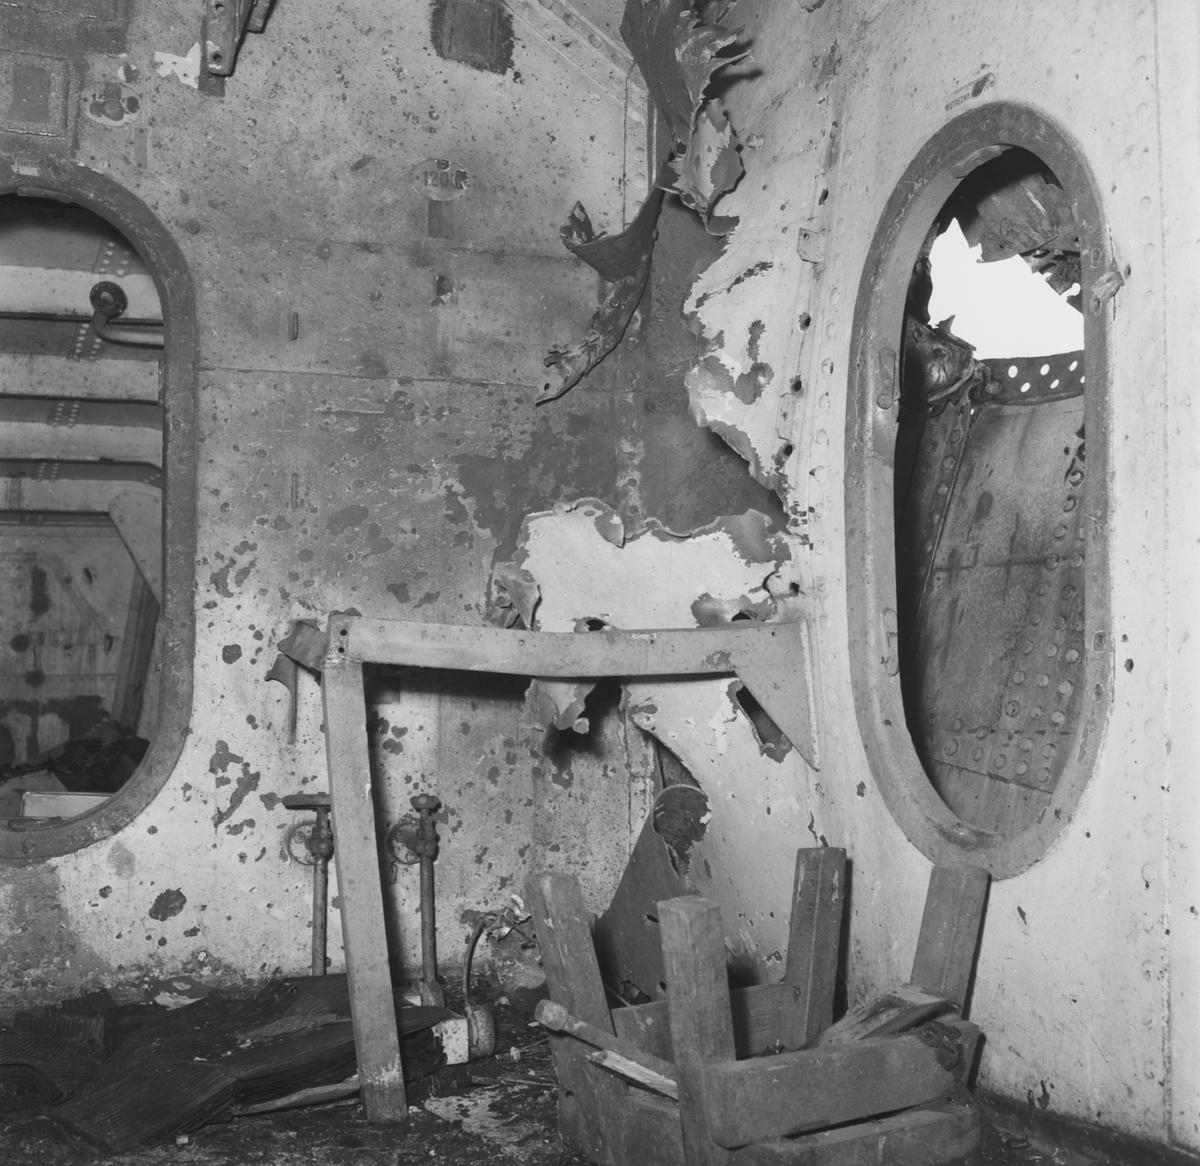 Fartyg: SVERIGE                        Bredd över allt 18,63 meter Längd över allt 120,0 meter  Rederi: Kungliga Flottan, Marinen Byggår: 1917 Varv: Götaverken, Göteborgs MV